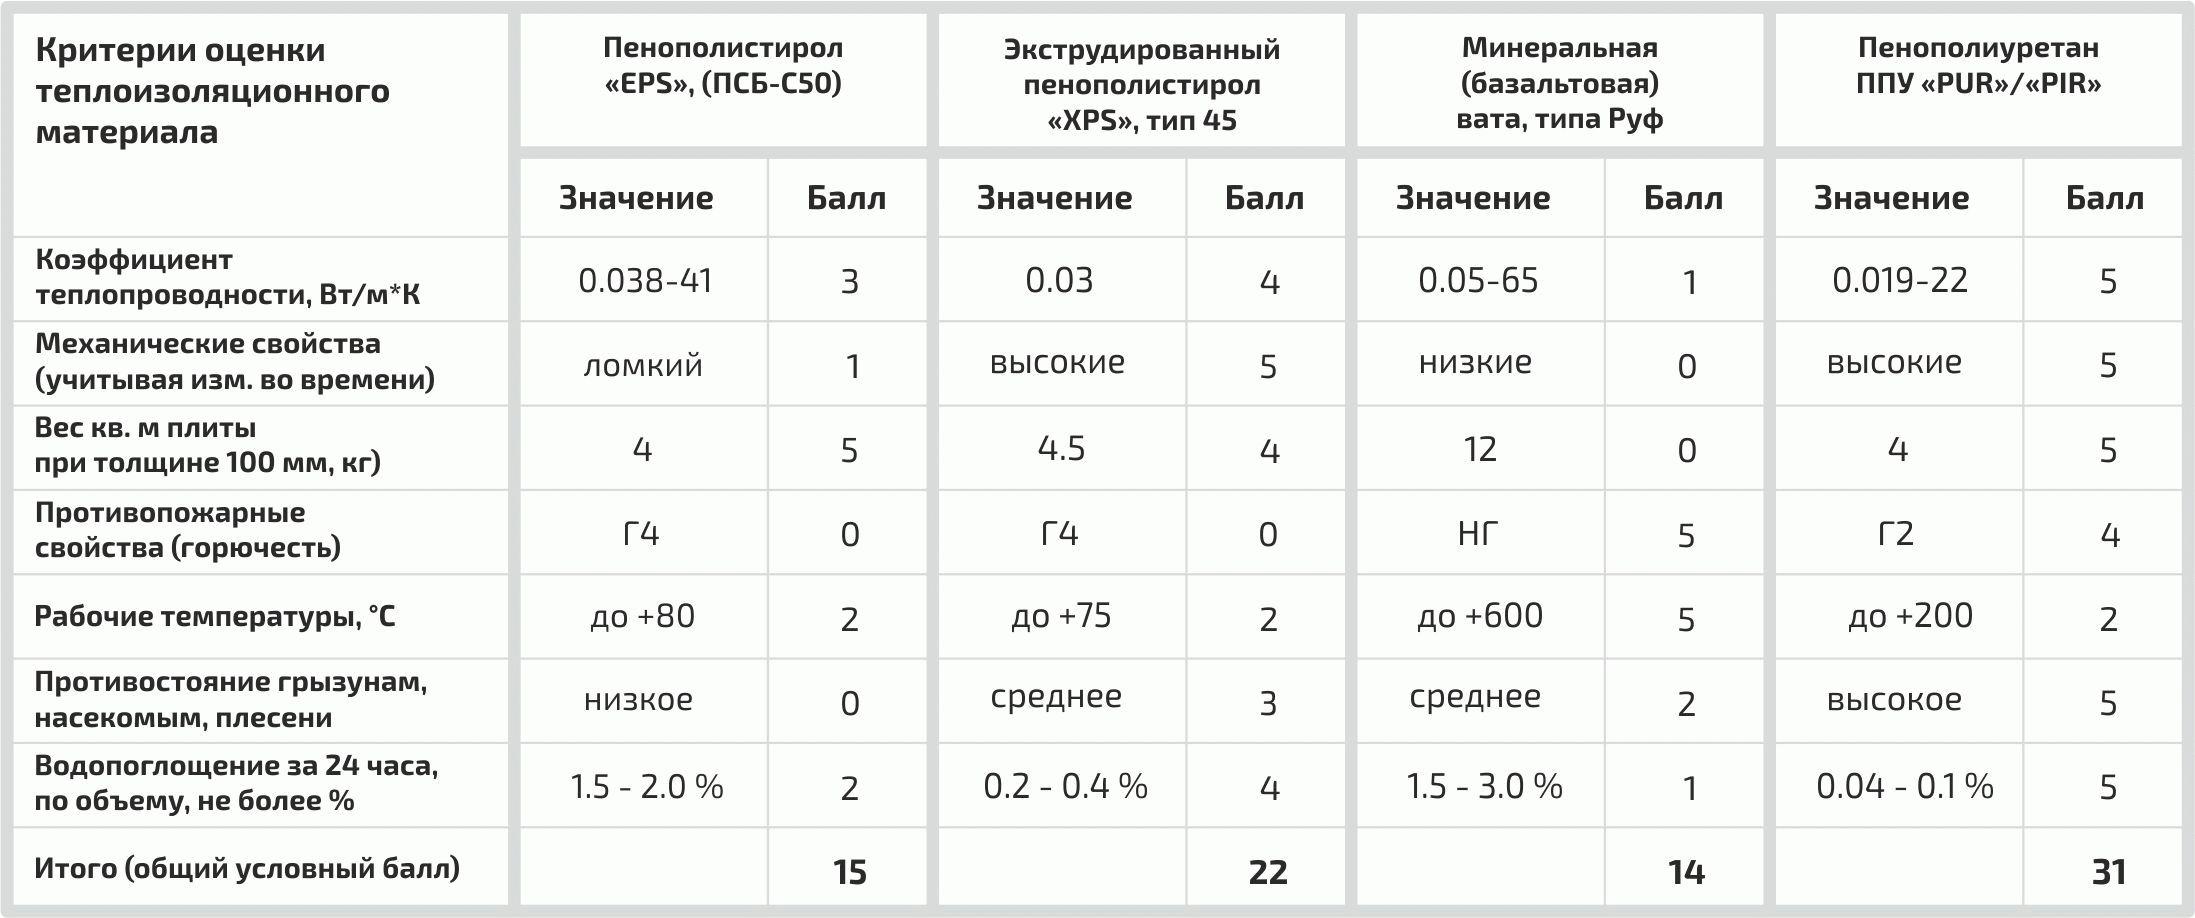 Таблица показателей и оценок некоторых утеплителей